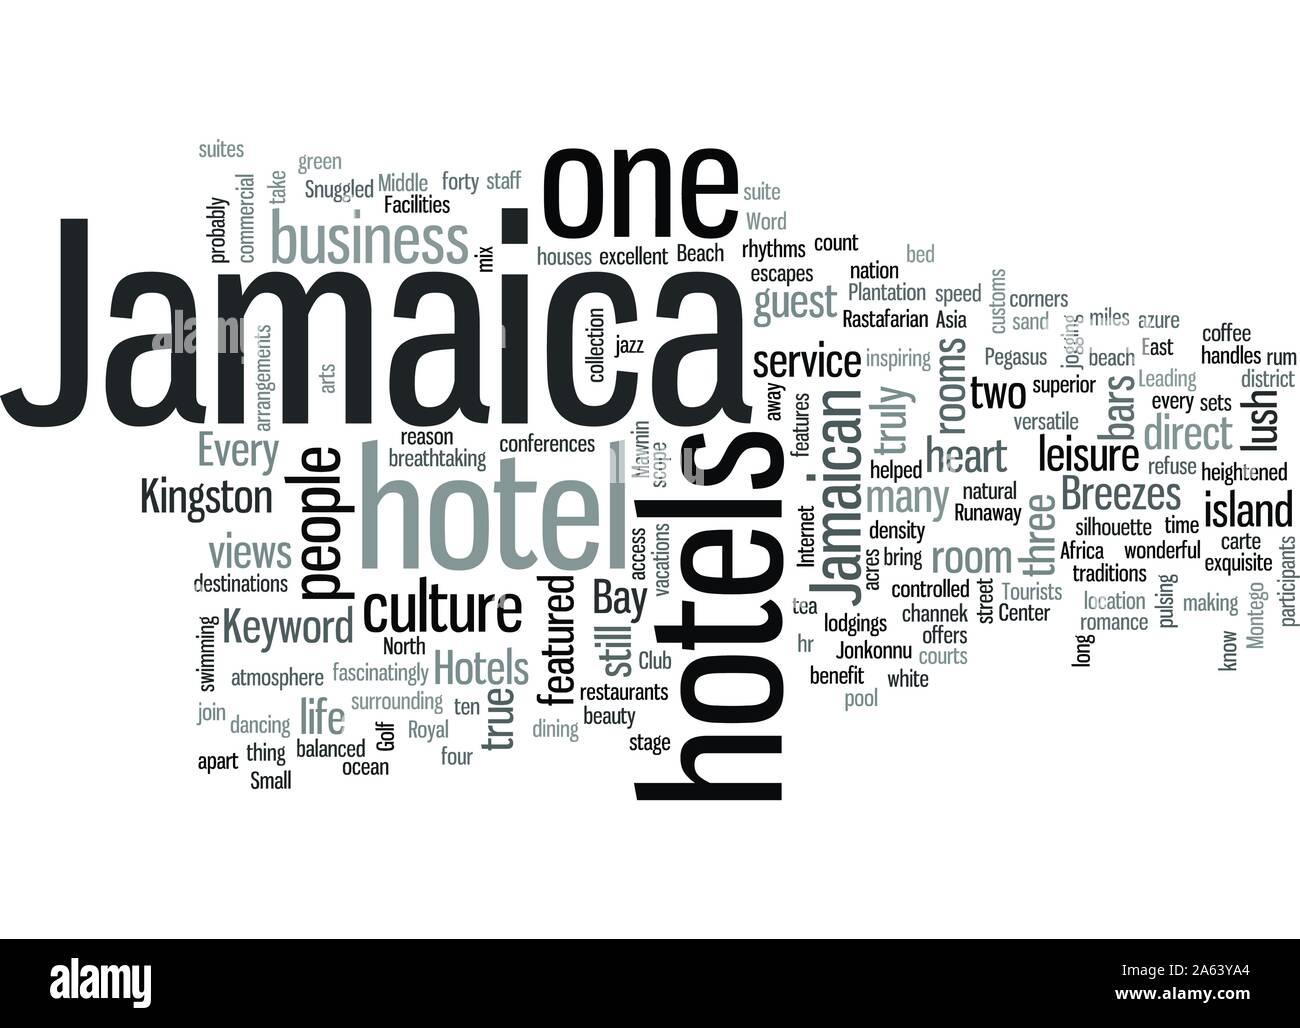 Jamaica Hotels Stock Vector